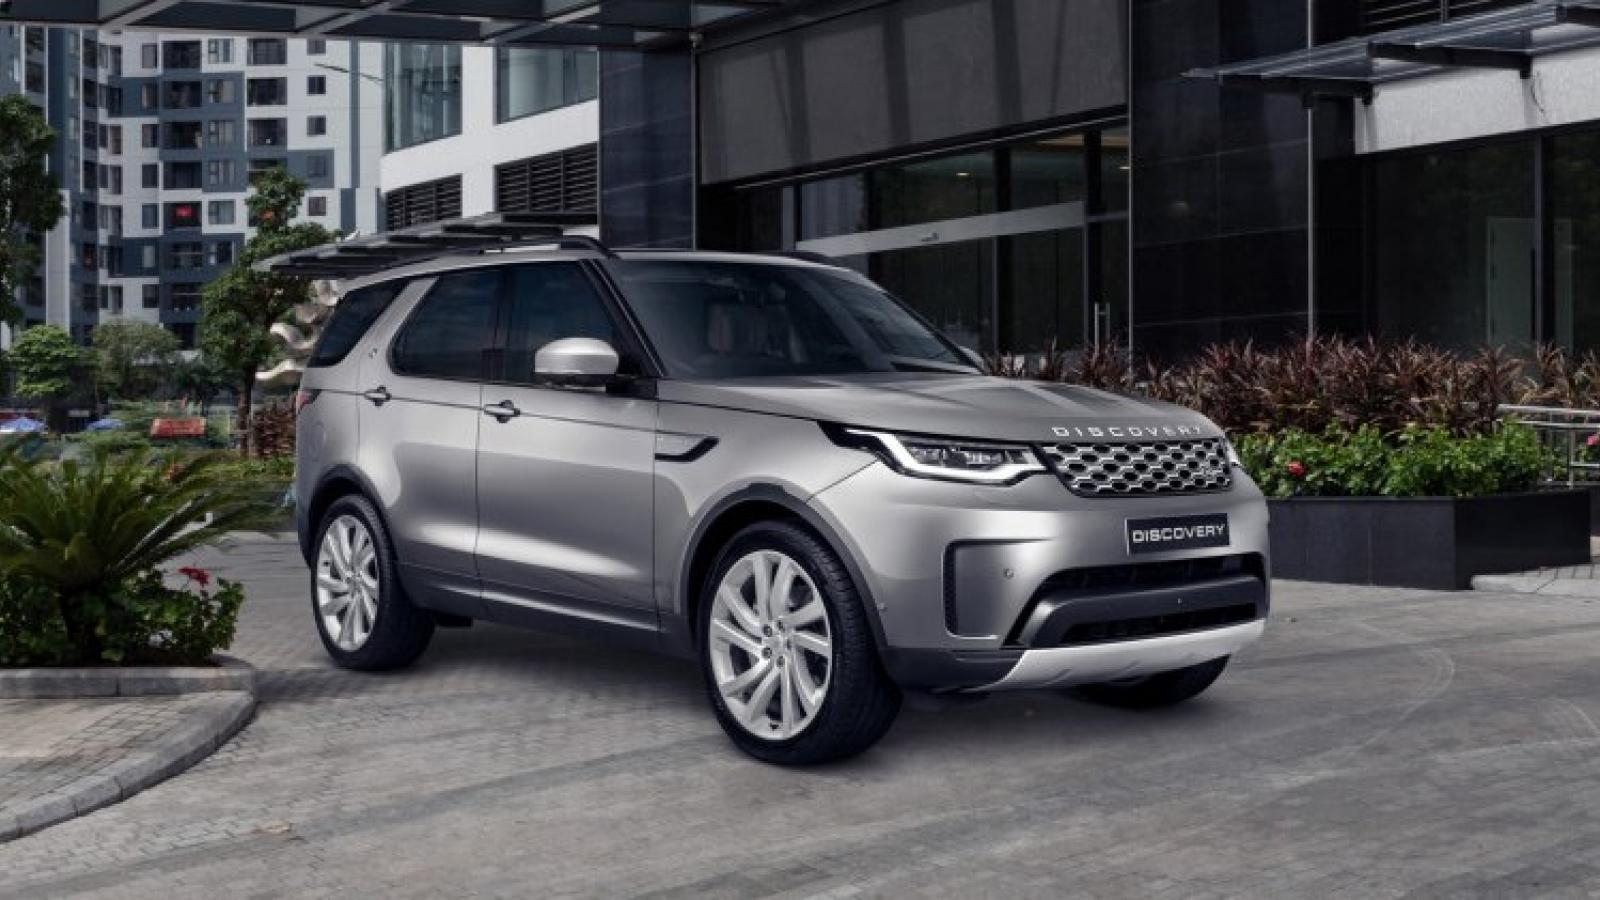 Land Rover Discovery bản nâng cấp chốt giá từ 4,5 tỷ đồng